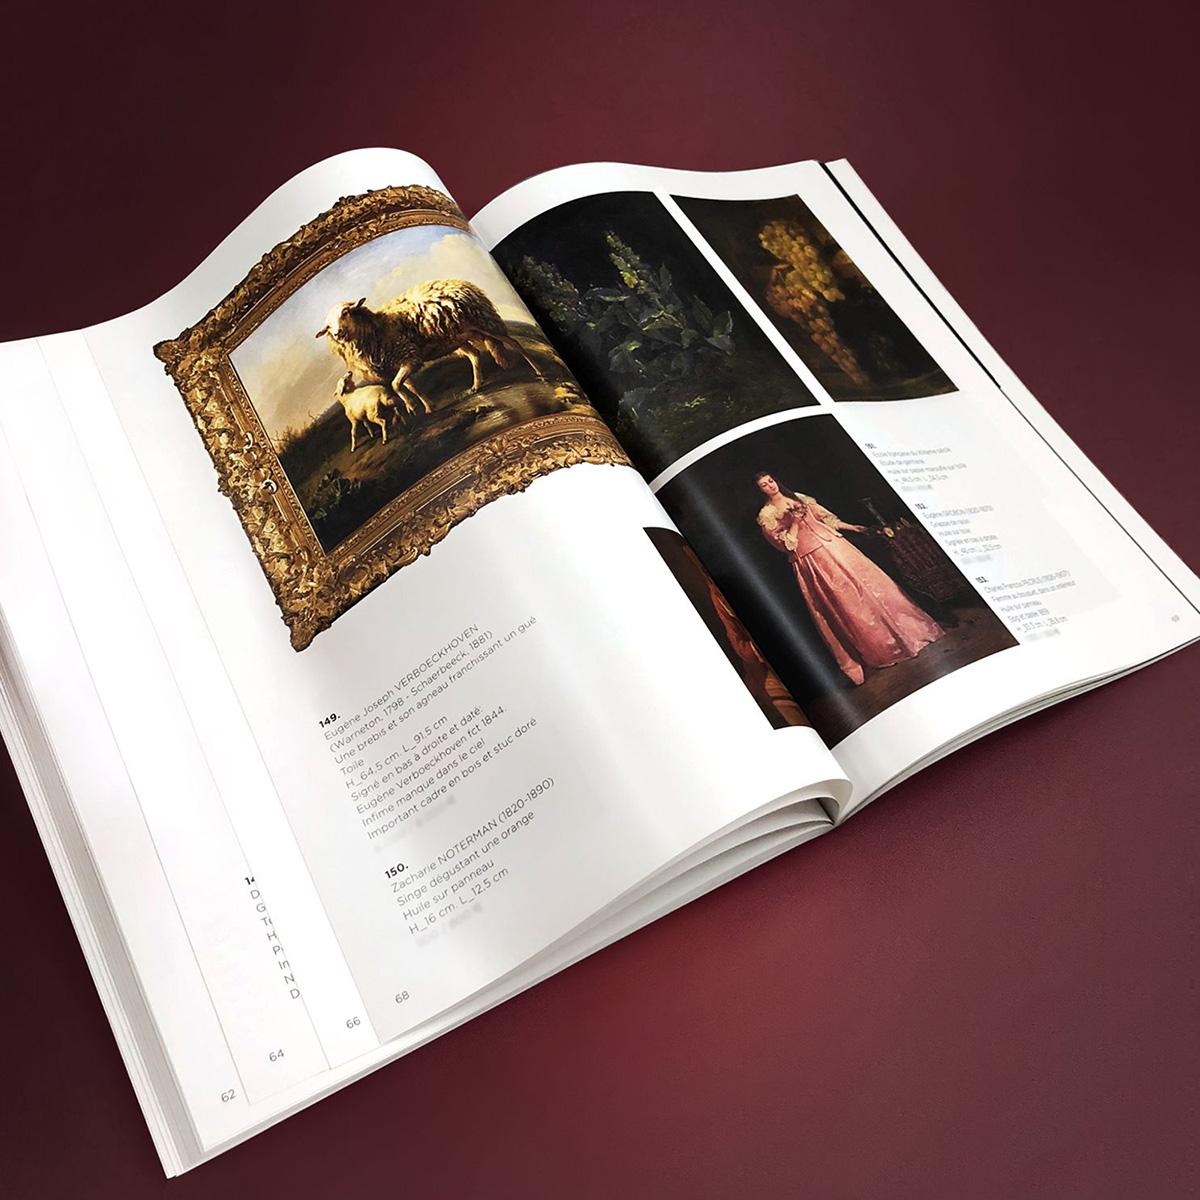 catalogue de galerie avec les oeuvres d'art